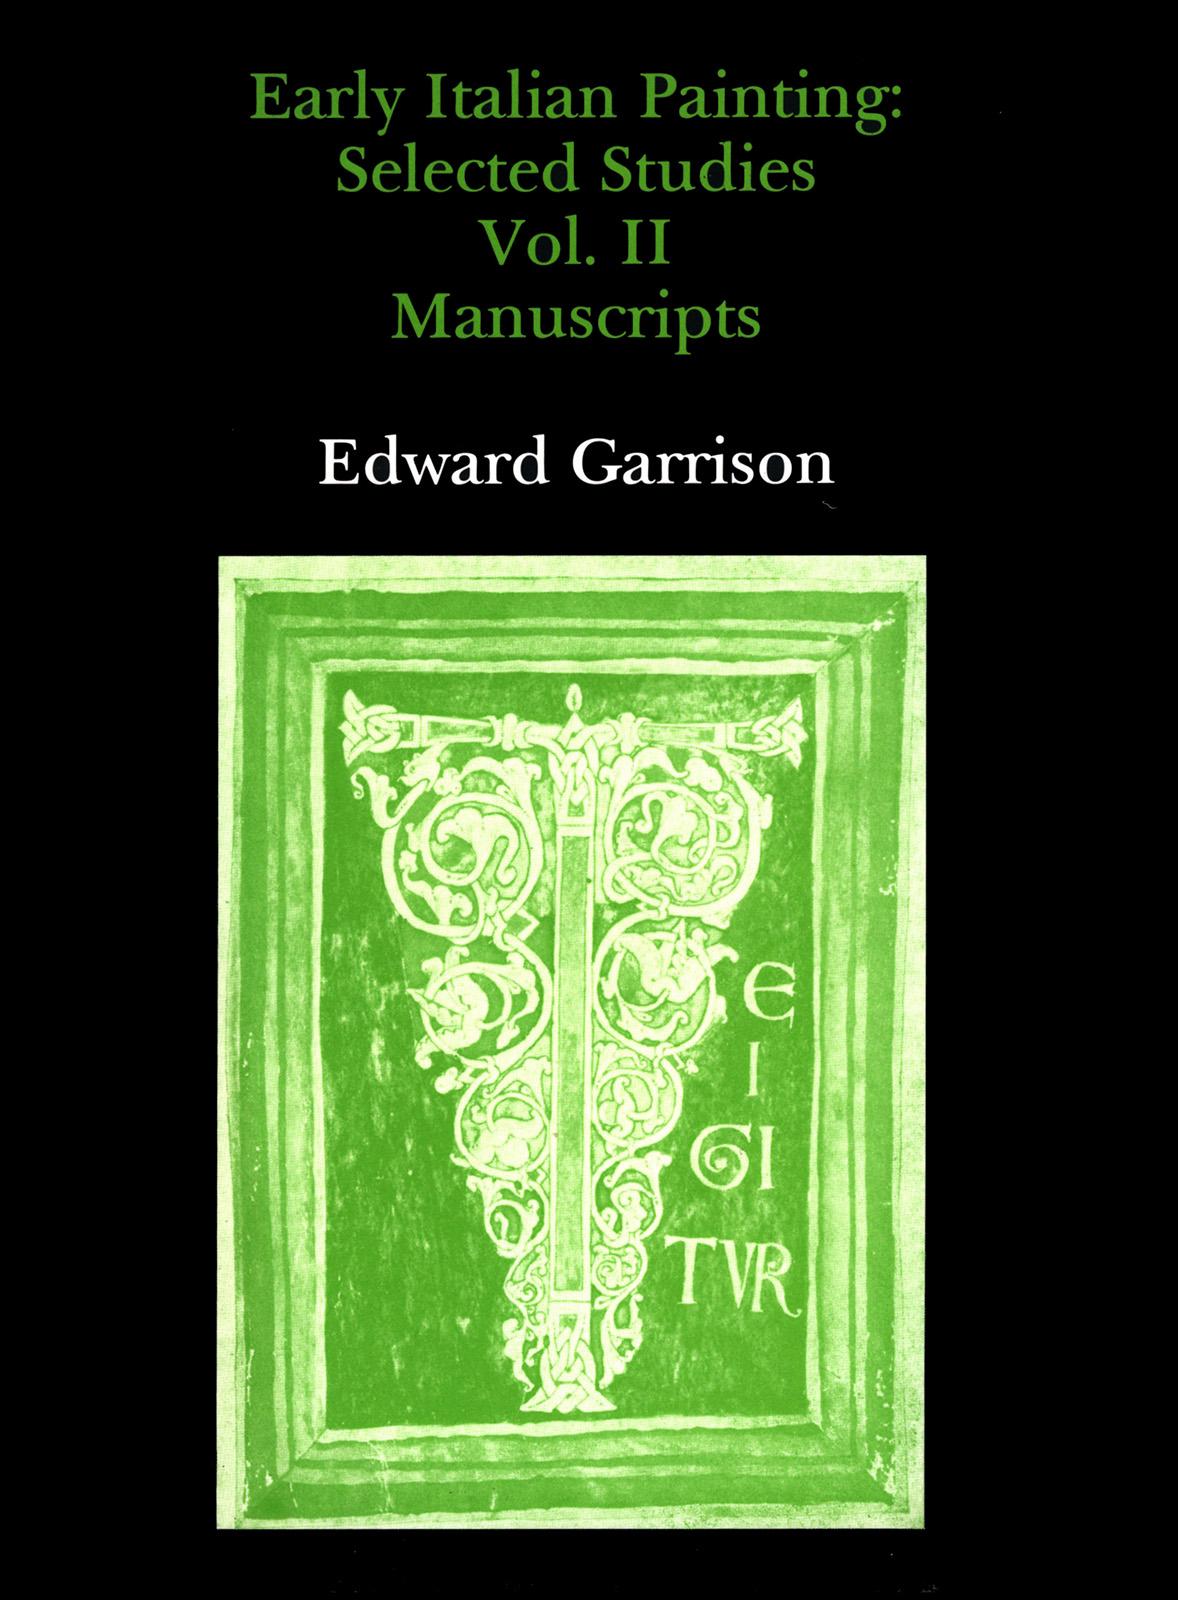 Edward Garrison